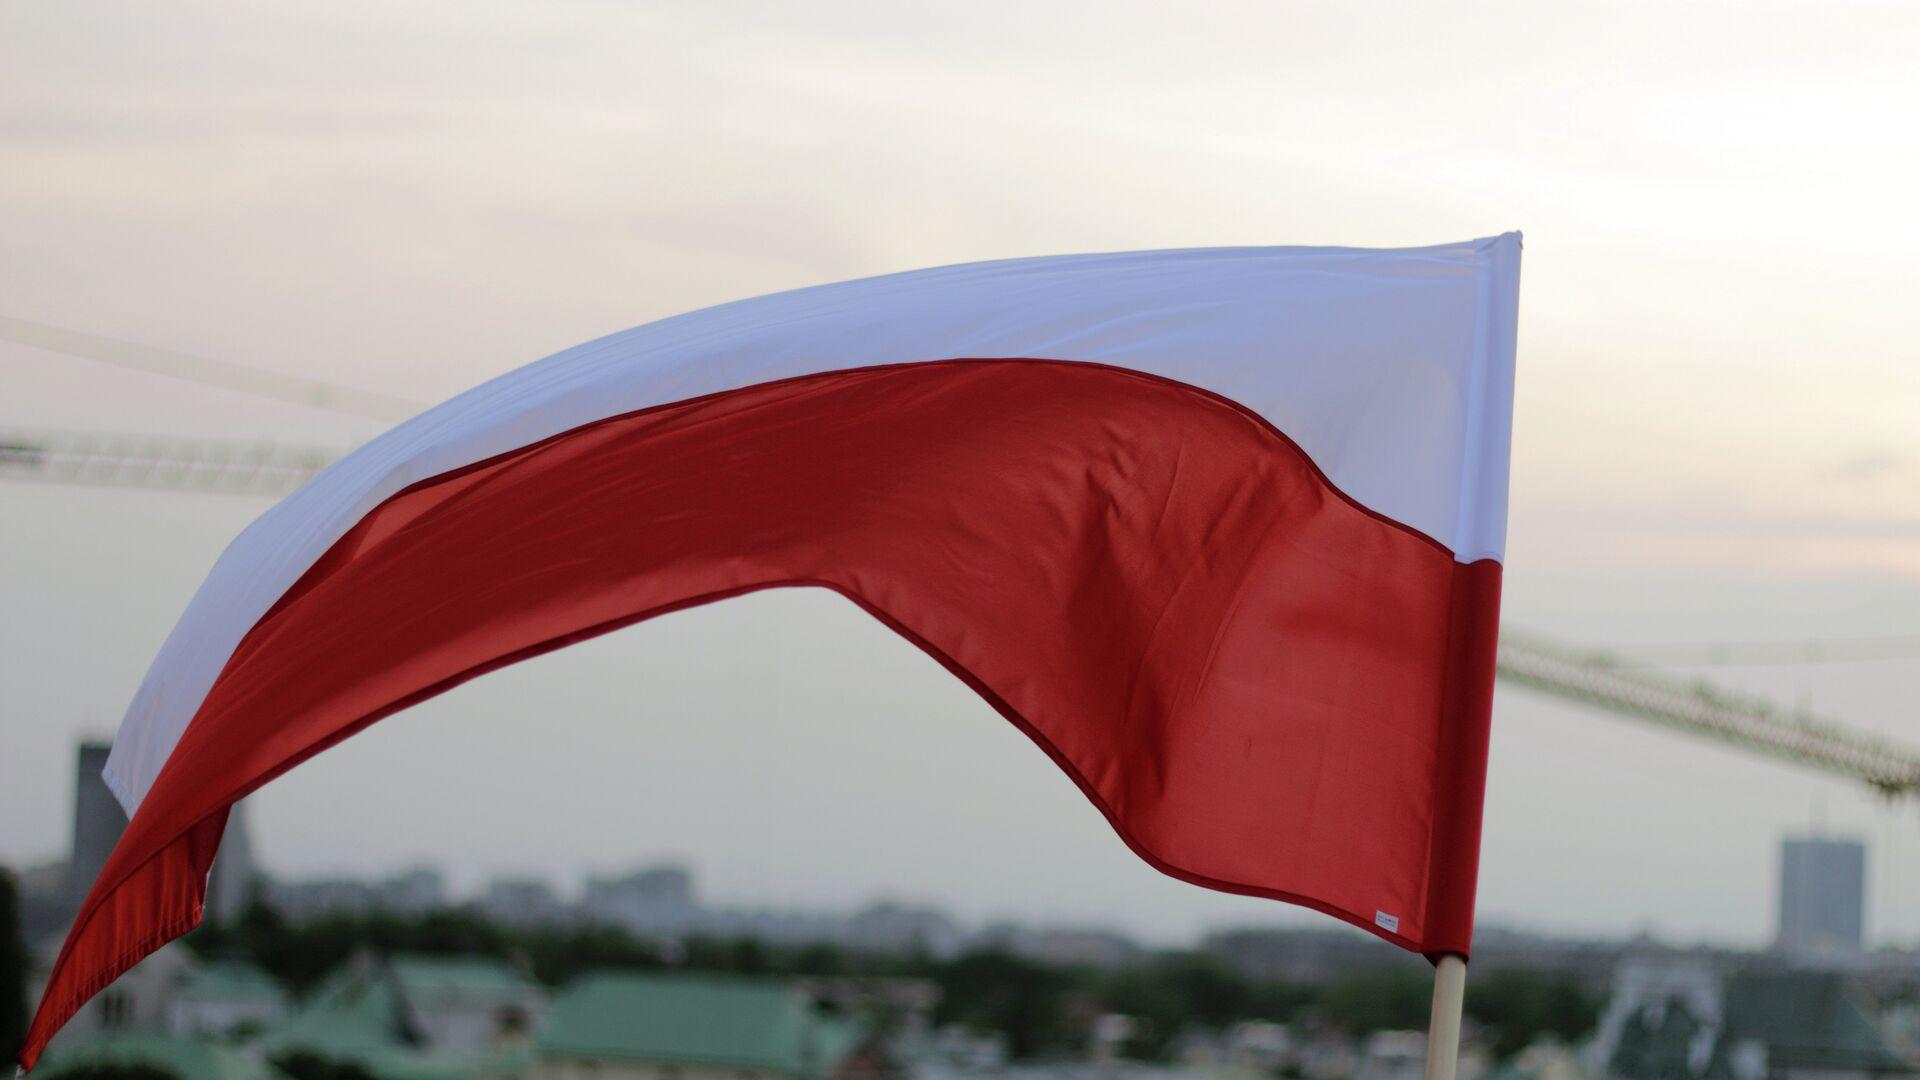 Bandera de Polonia - Sputnik Mundo, 1920, 21.04.2021